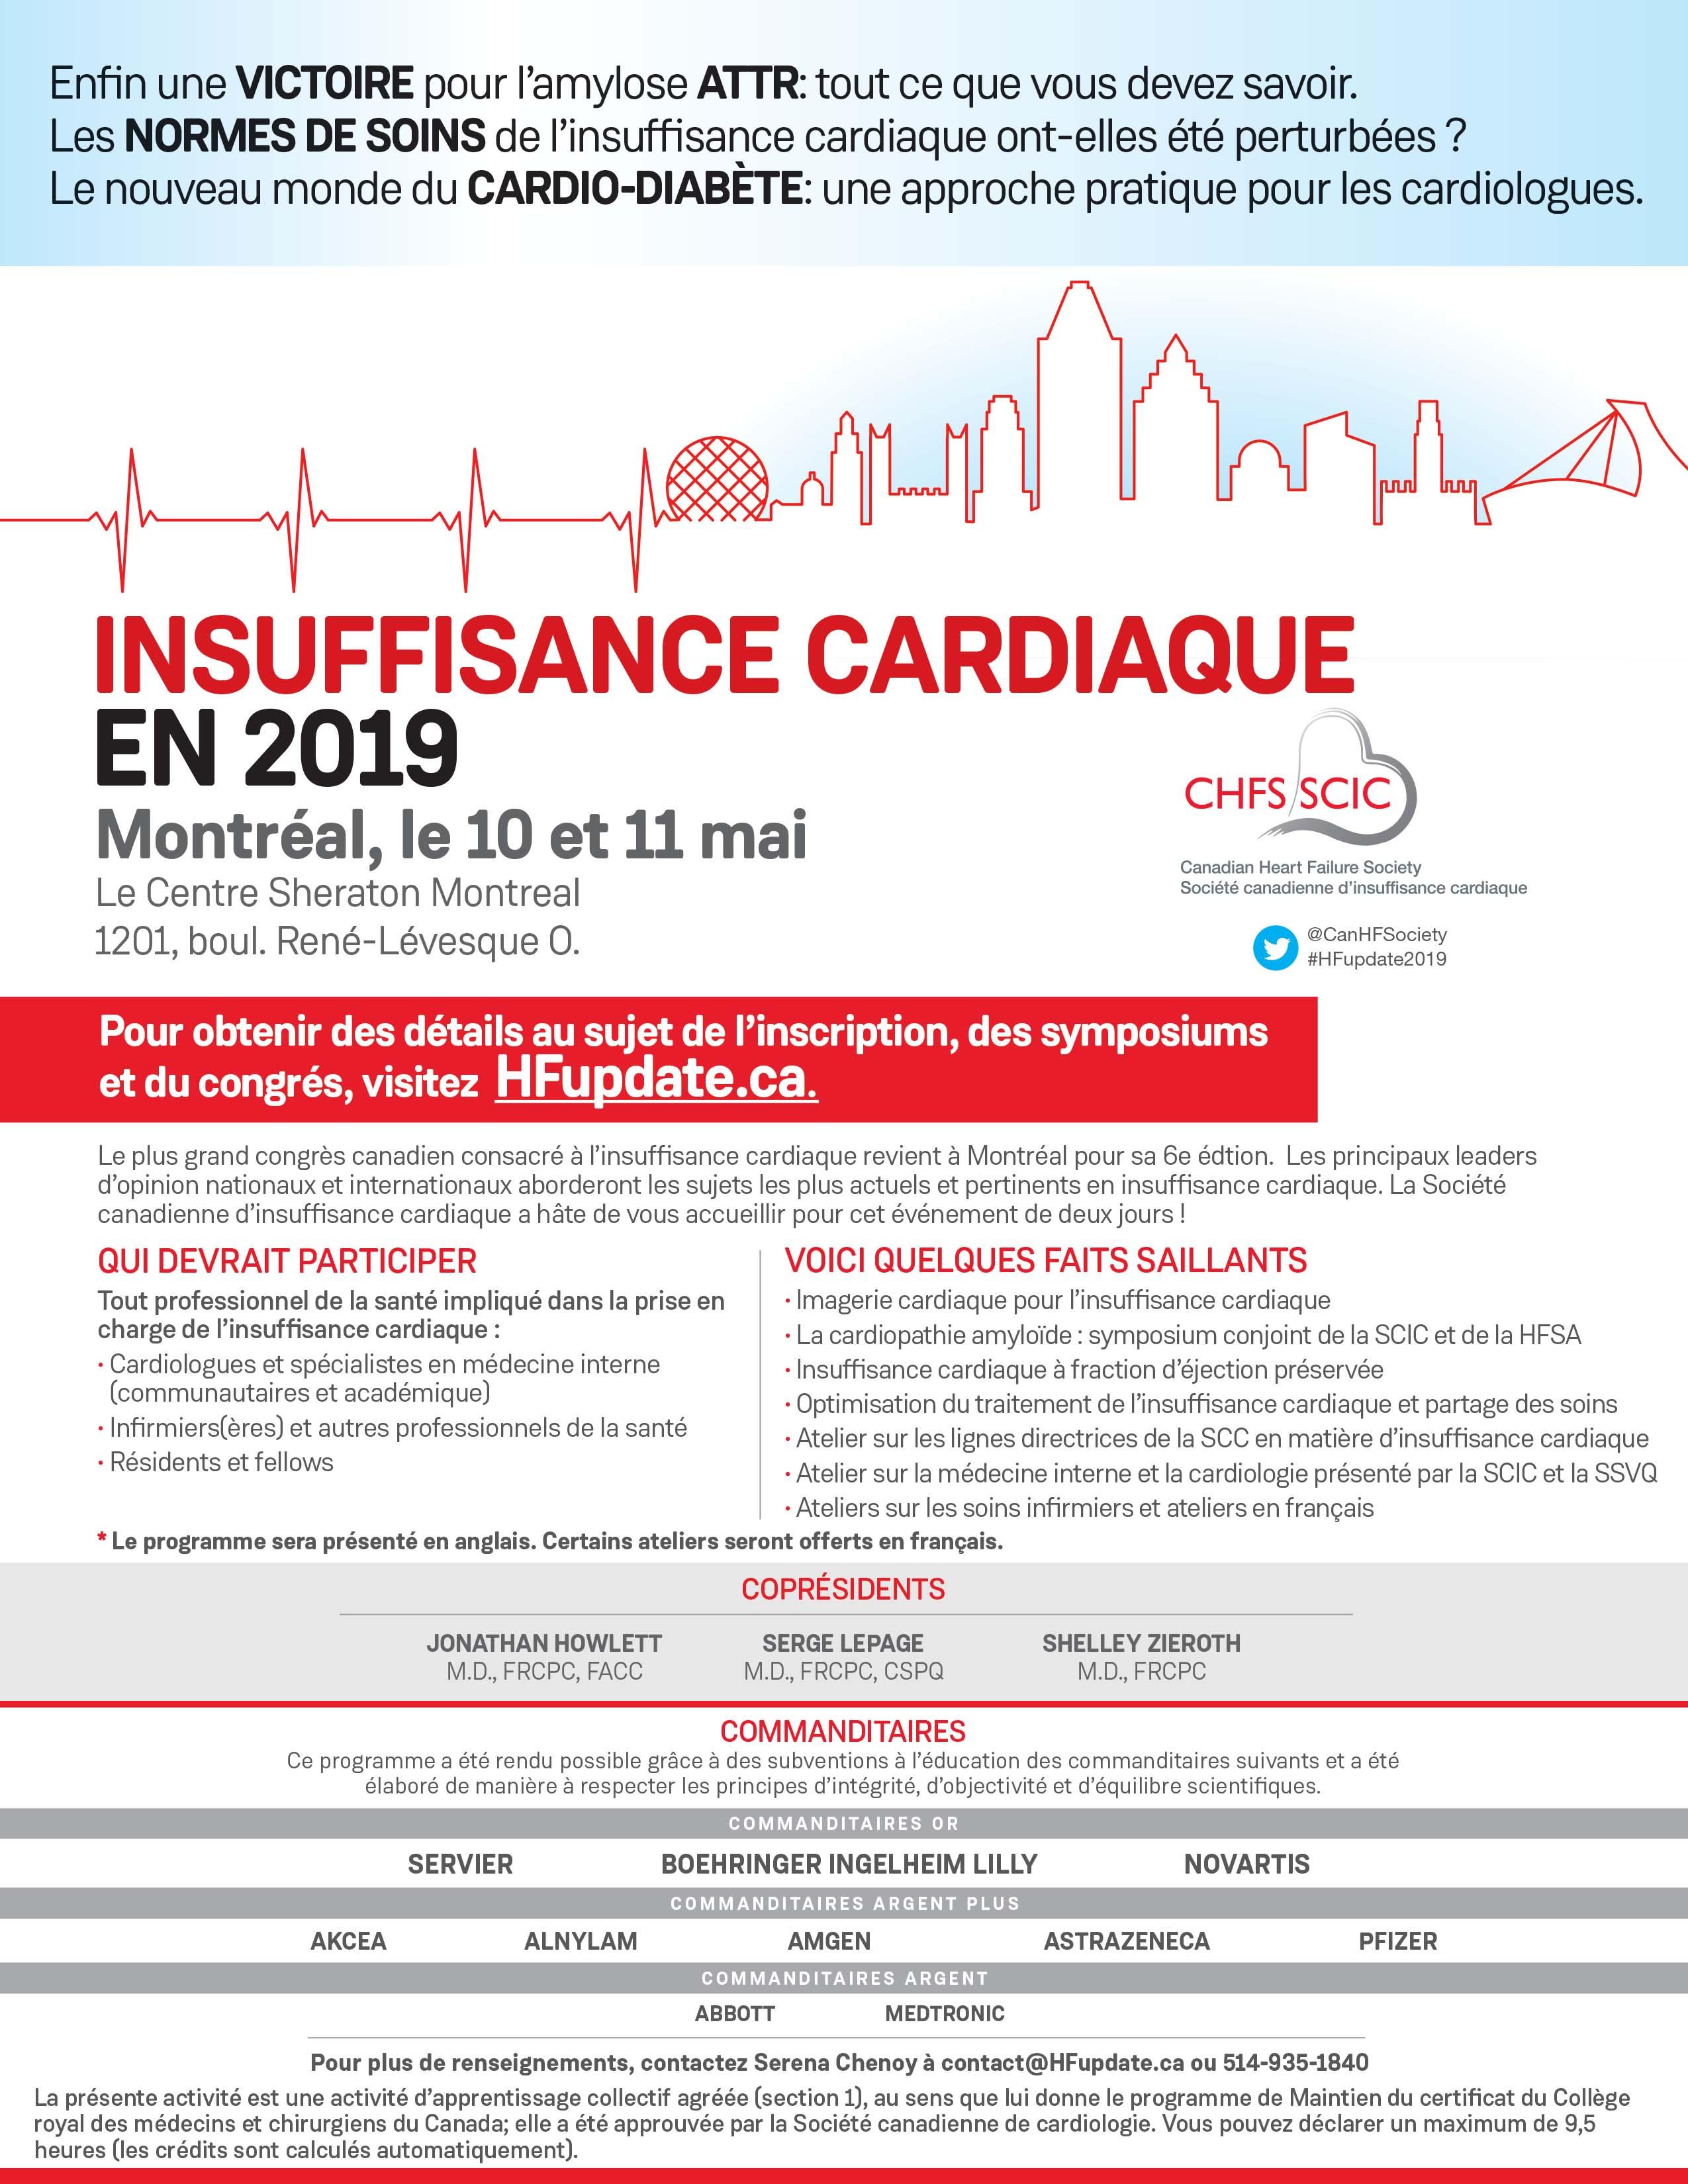 HF Update - Société canadienne d'insuffisance cardiaque - SQIC